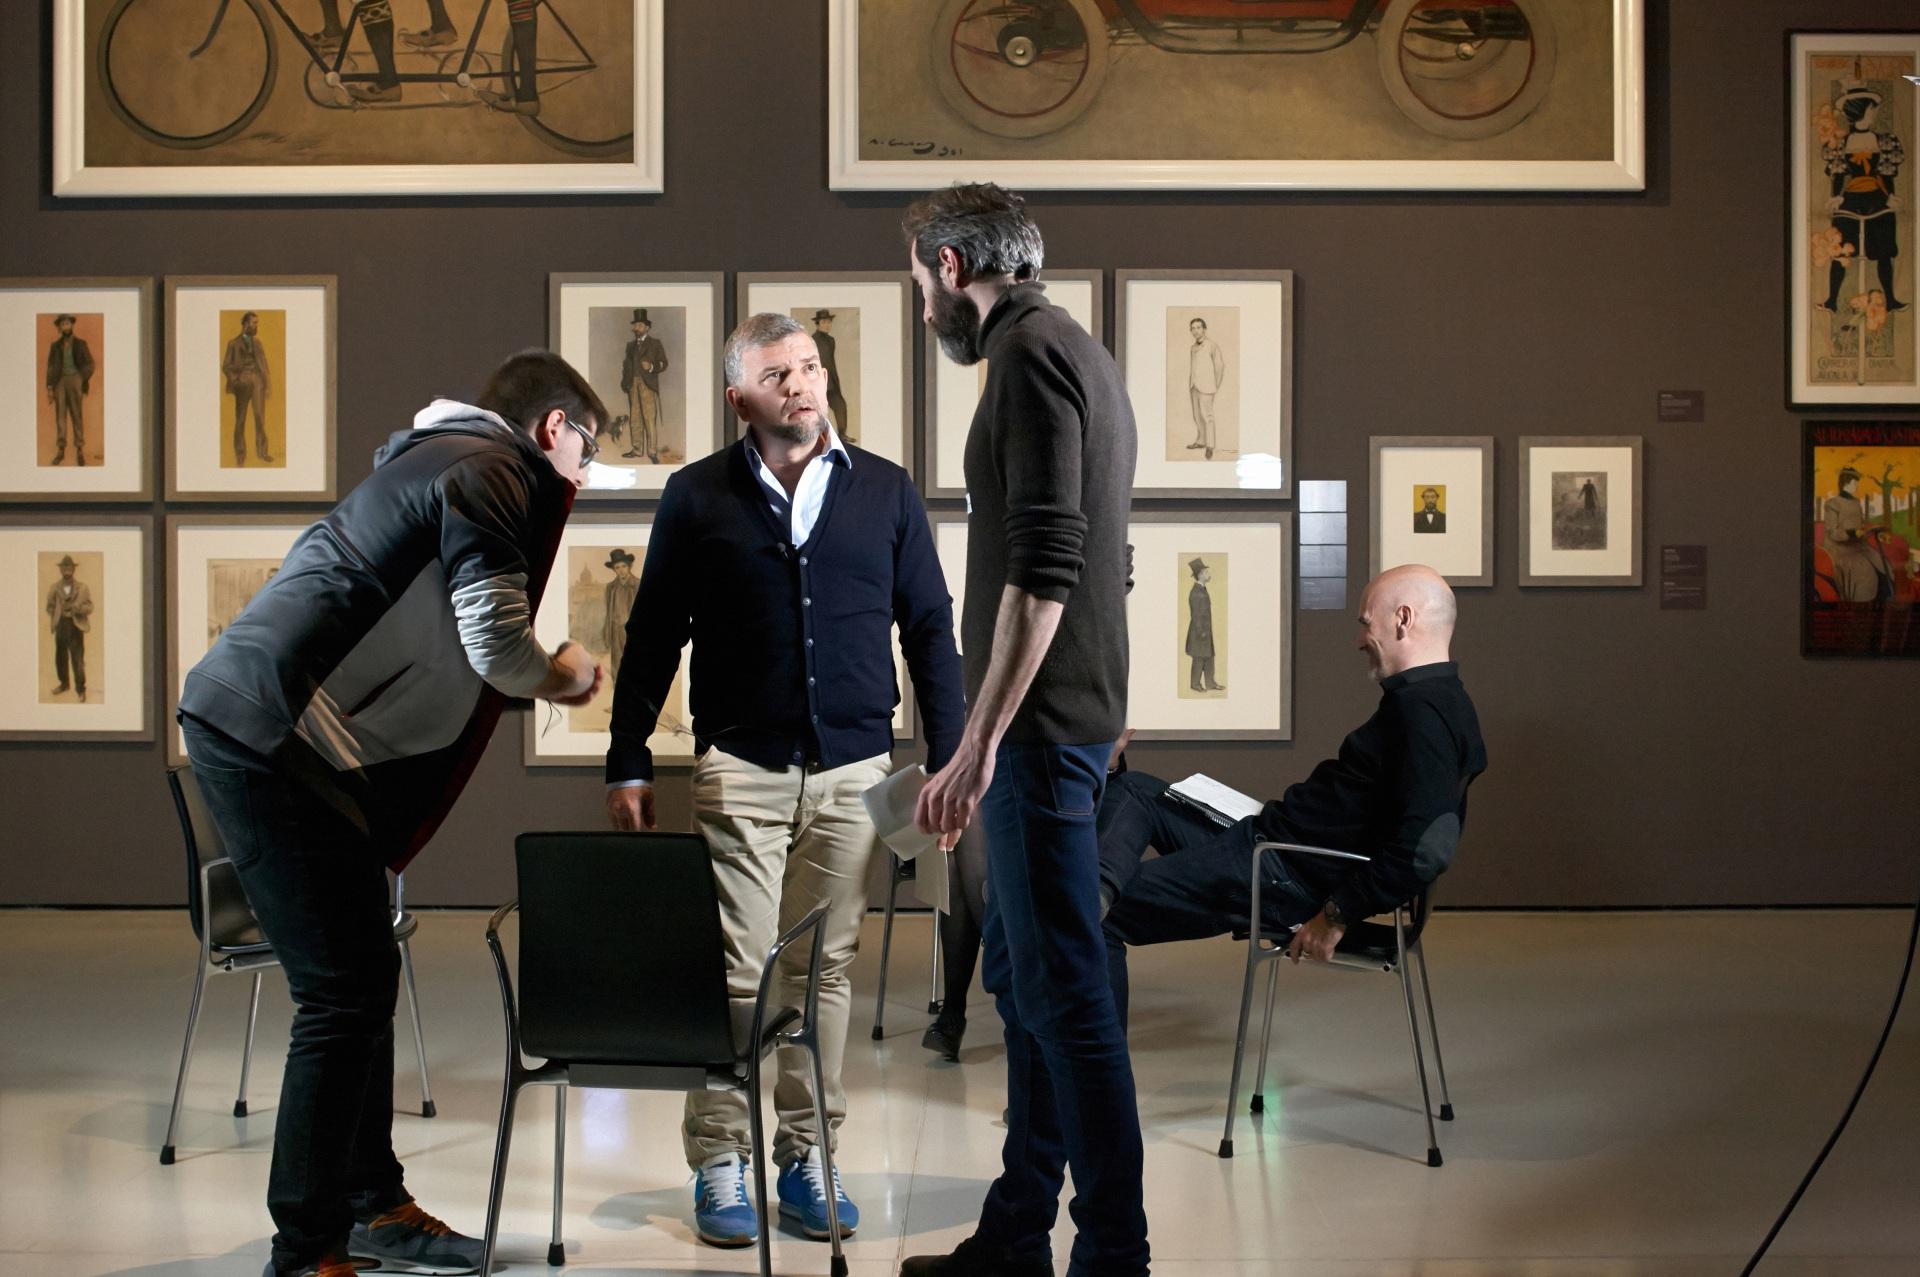 Making of de documental. Director, productor y técnico preparando entrevista en el Museu Nacional d\'Art de Catalunya. De fondo pinturas de Ramon Casas y otros artistas de Els Quatre Gats.